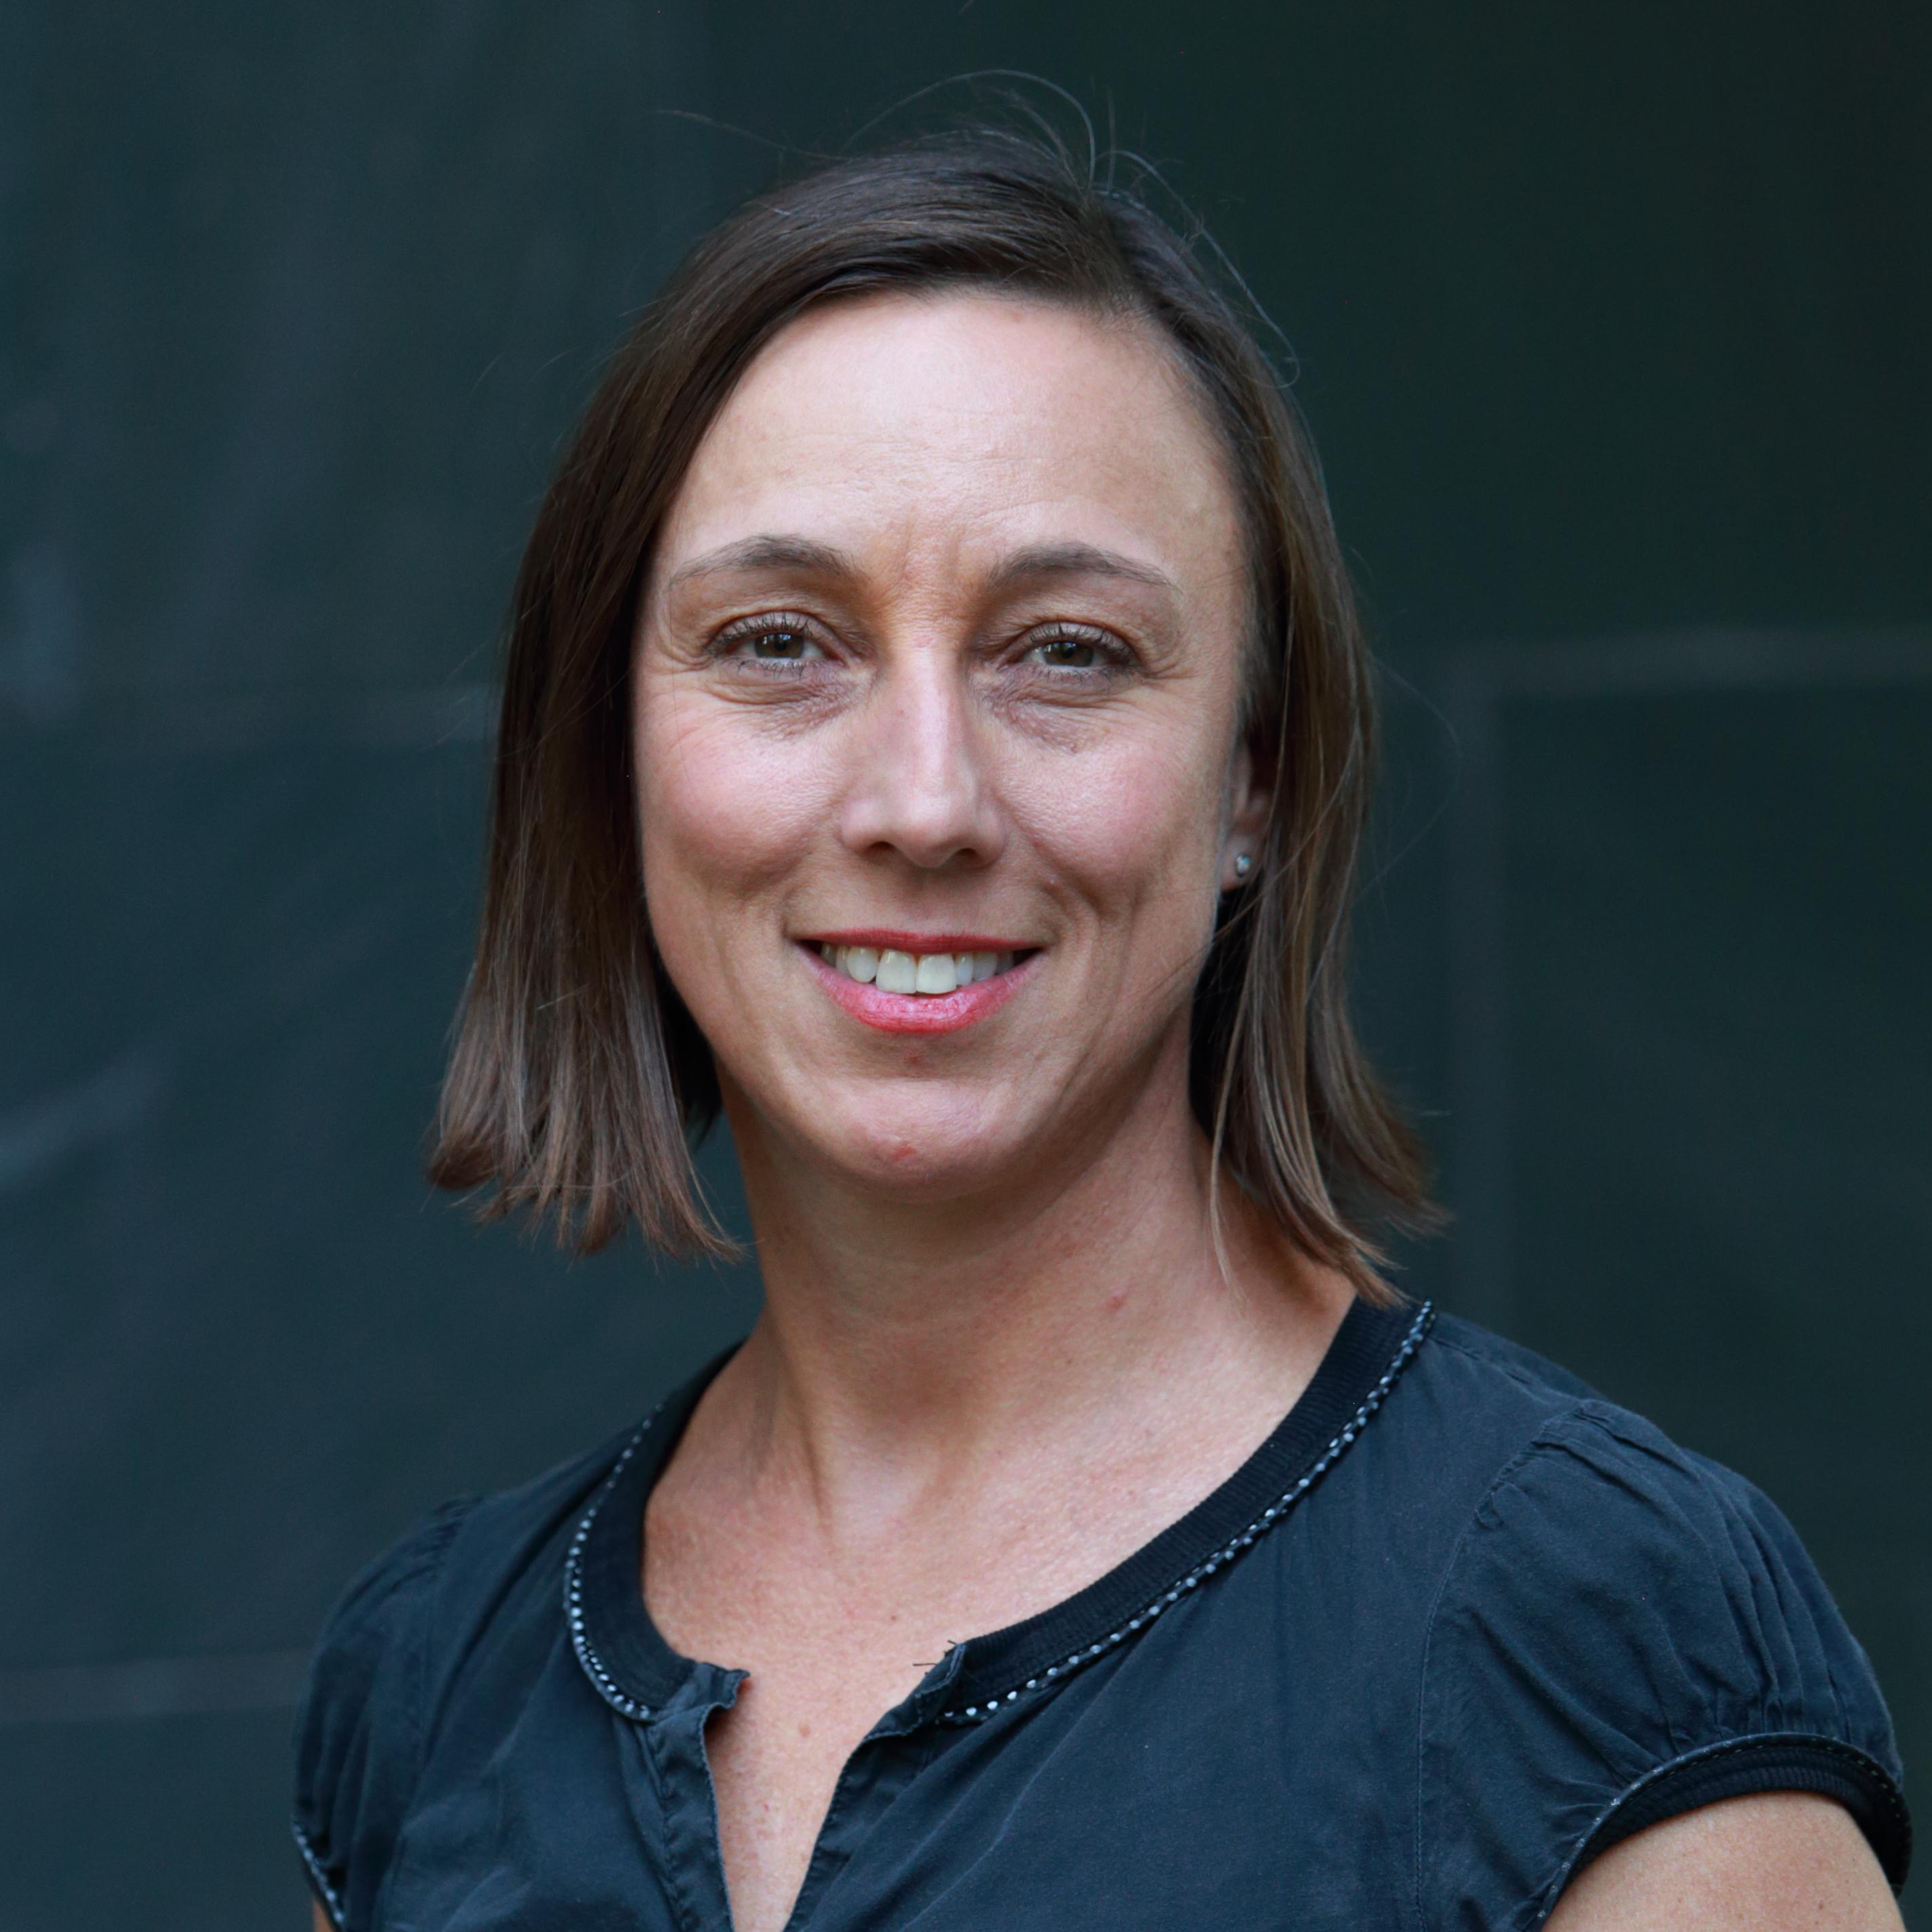 Marie Fahrenholz